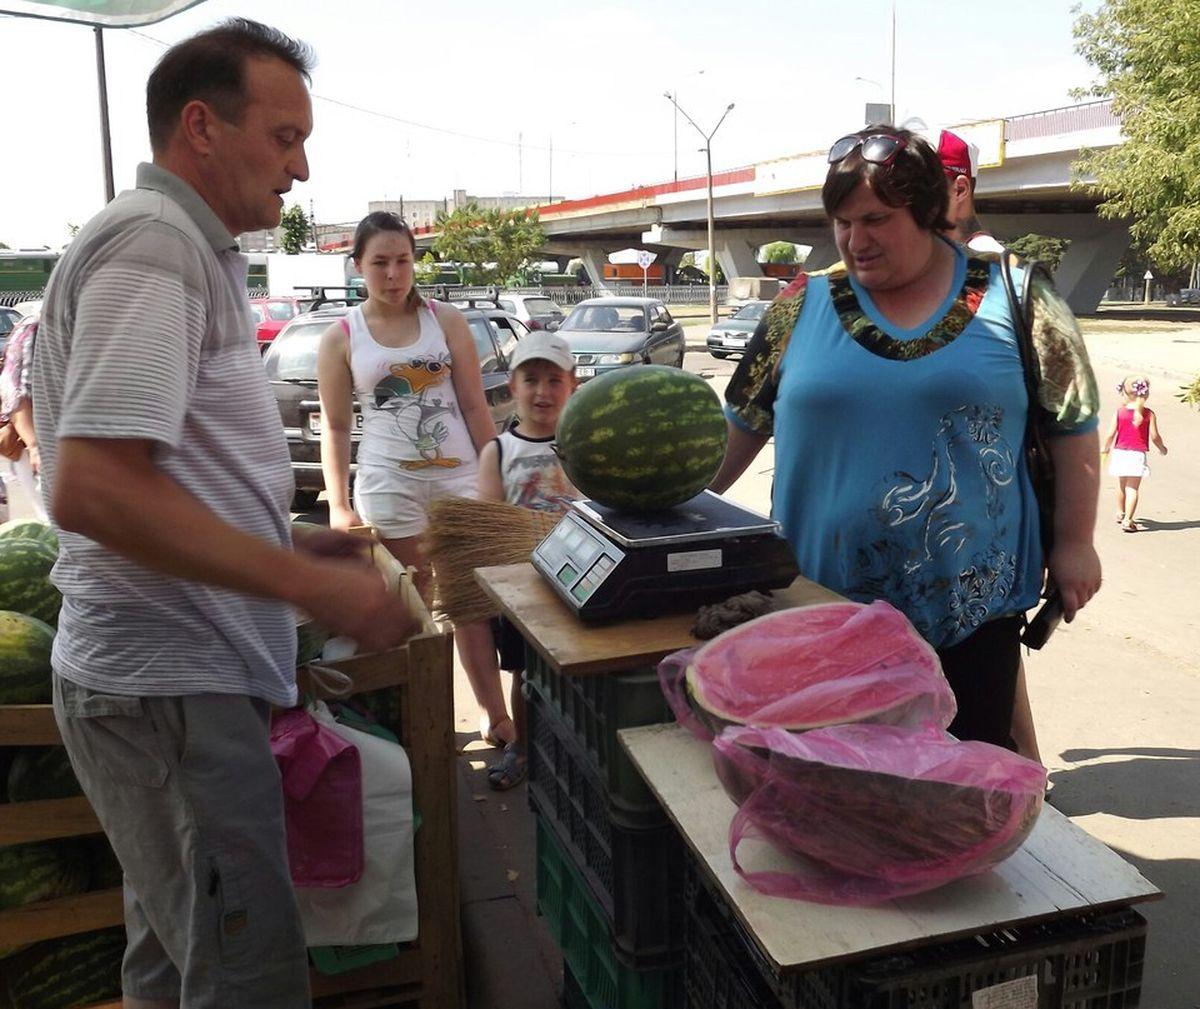 Продавец арбузов и дыней Абассум уверен, что арбузы-мальчики и арбузы-девочки не отличаются по вкусу